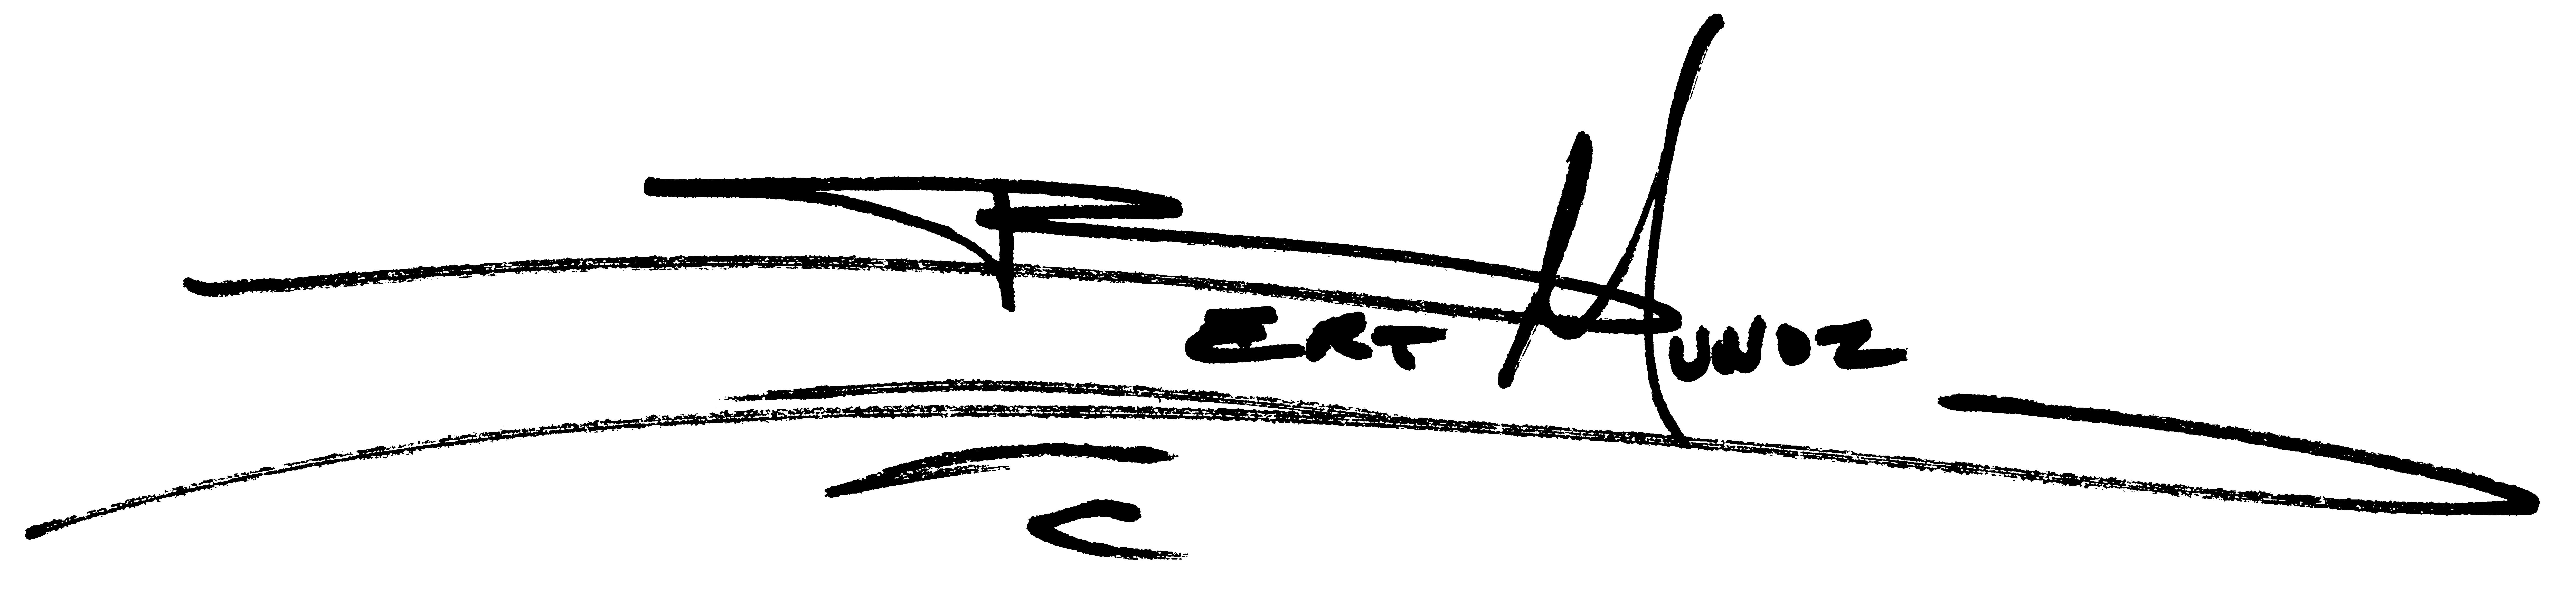 Bert Munoz Signature